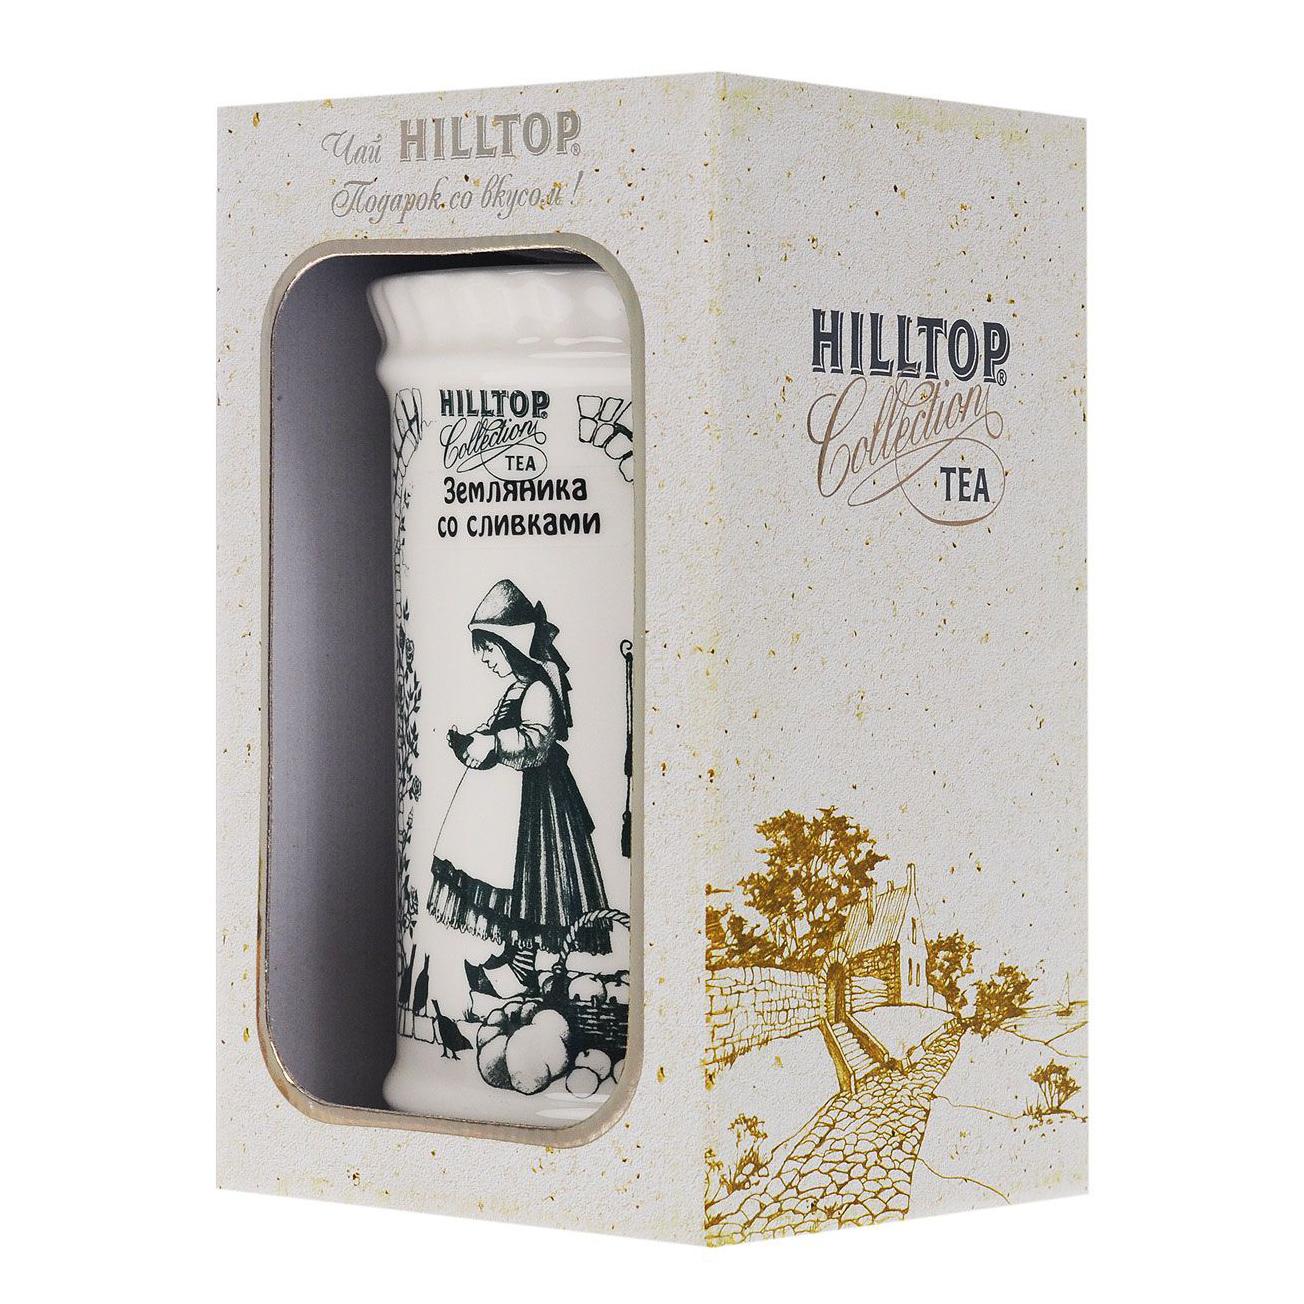 Чай черный Hilltop Земляника со сливками листовой 125 г чай в музыкальной шкатулке hilltop земляника со сливками черный с добавками 100 гр